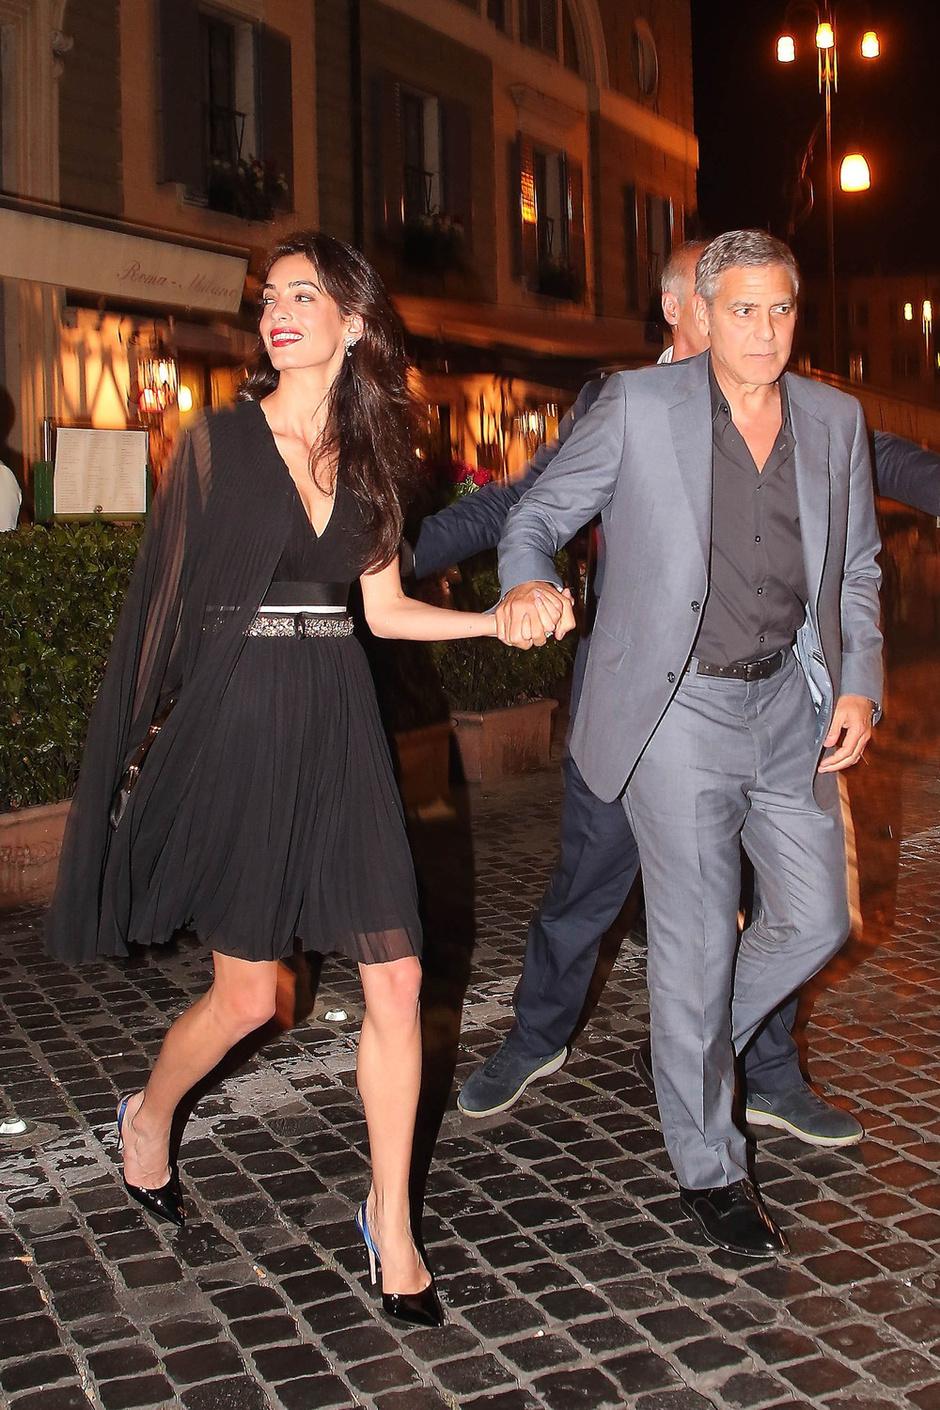 Фото дня: Джордж и Амаль Клуни на свидании в Риме